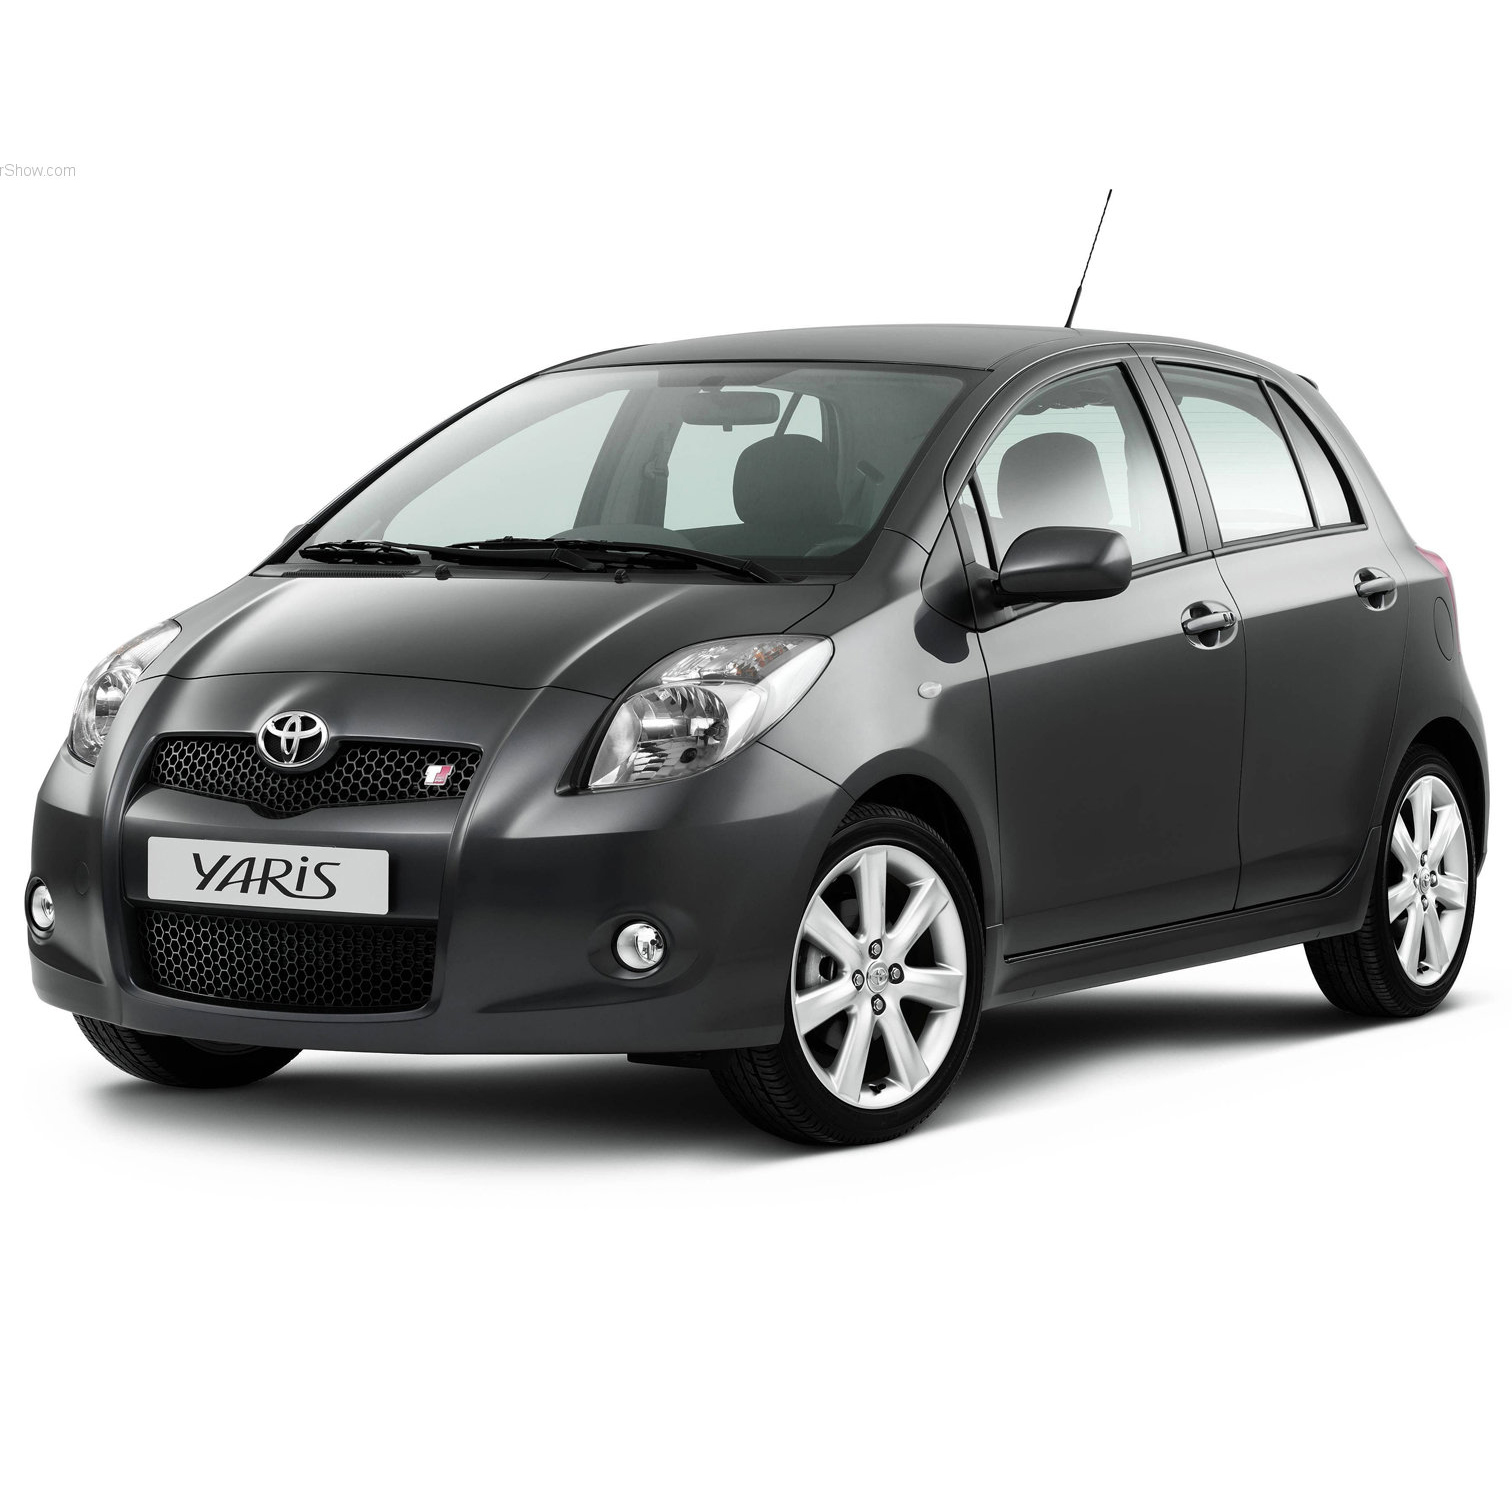 Toyota Yaris 2011 Onwards